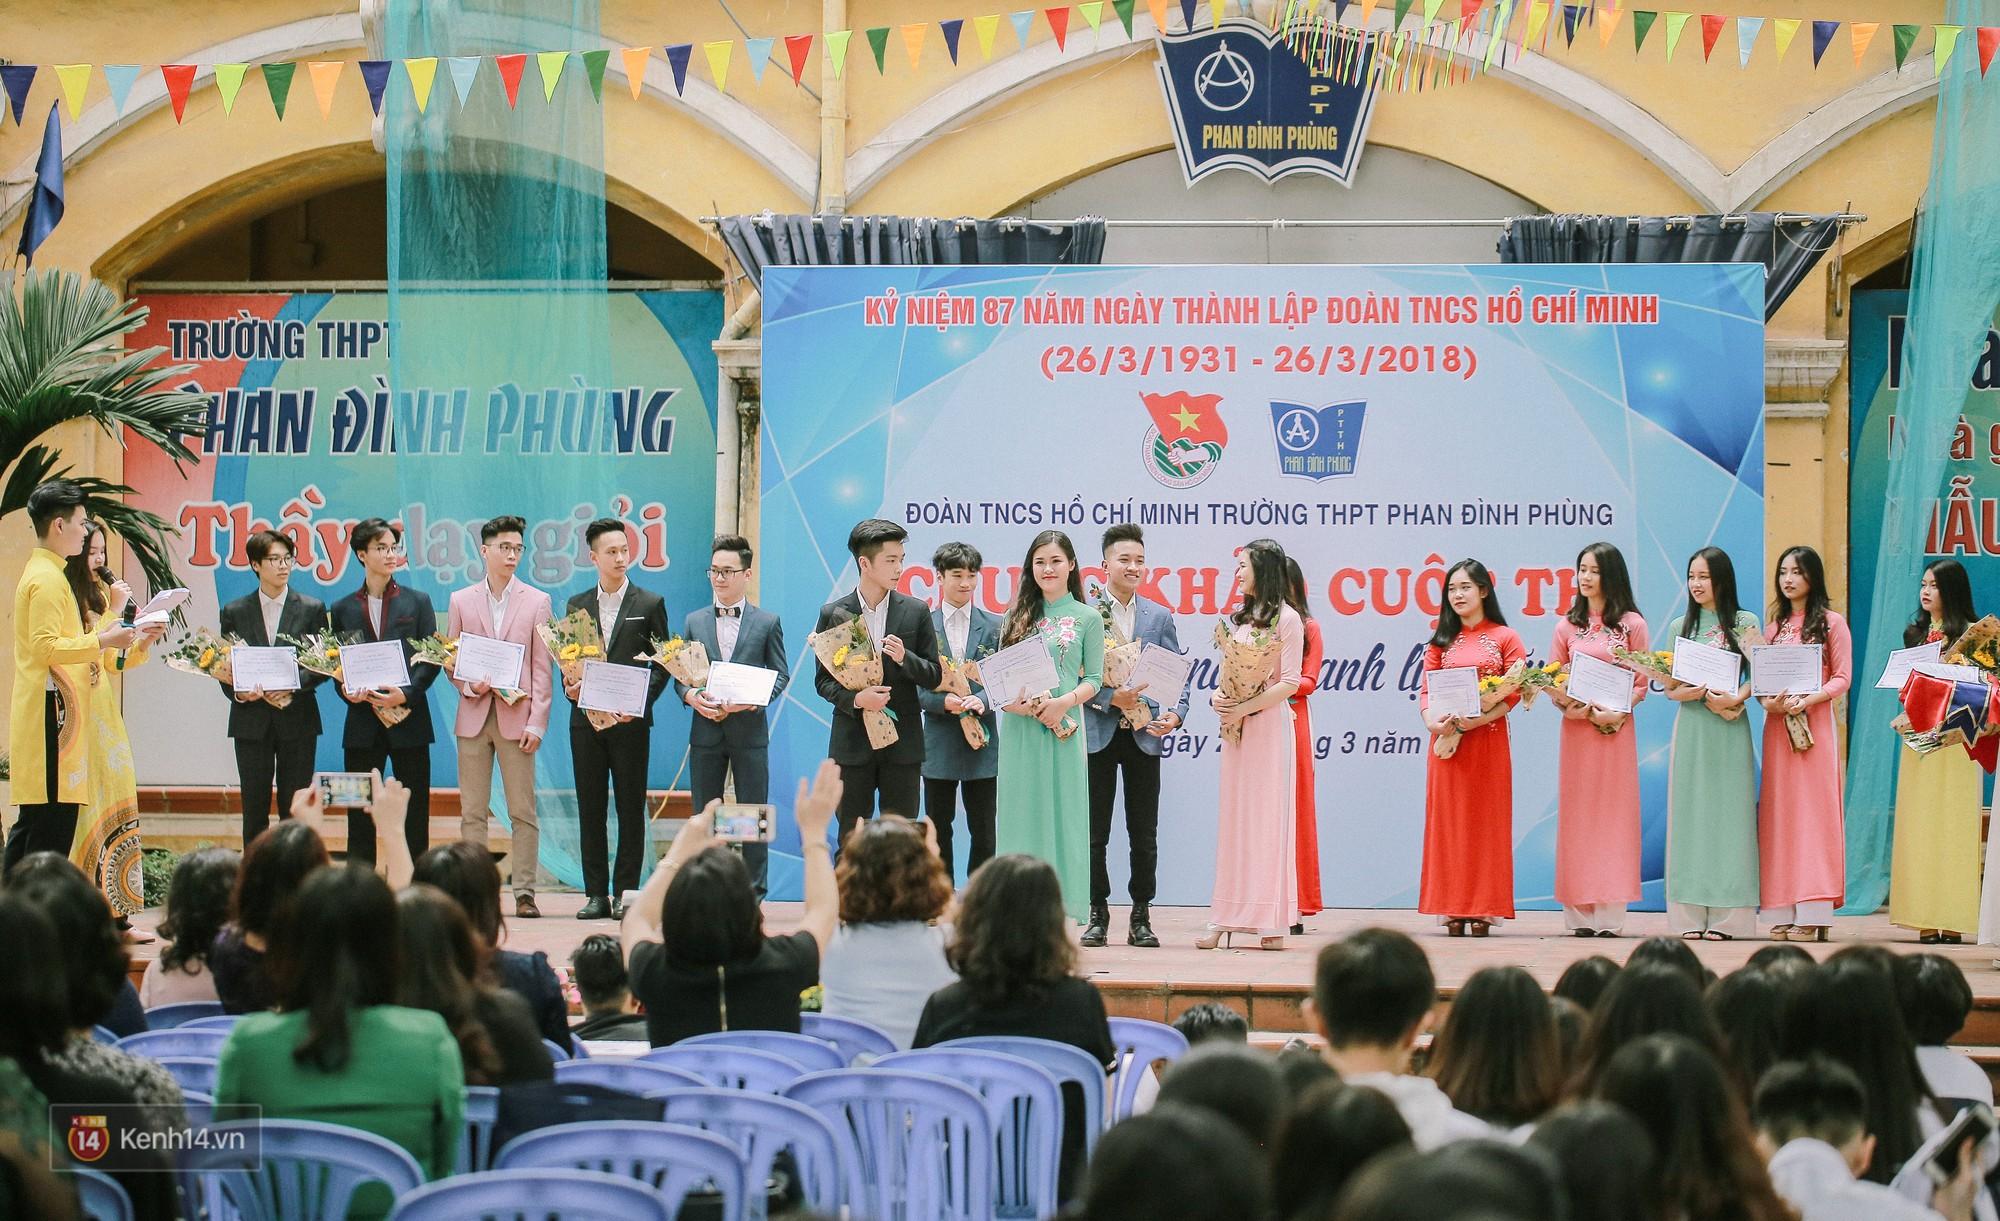 Cuộc thi Học sinh thanh lịch của Phan Đình Phùng tìm được cặp Đại sứ mới, hot boy cầm cờ chiếm spotlight - Ảnh 1.